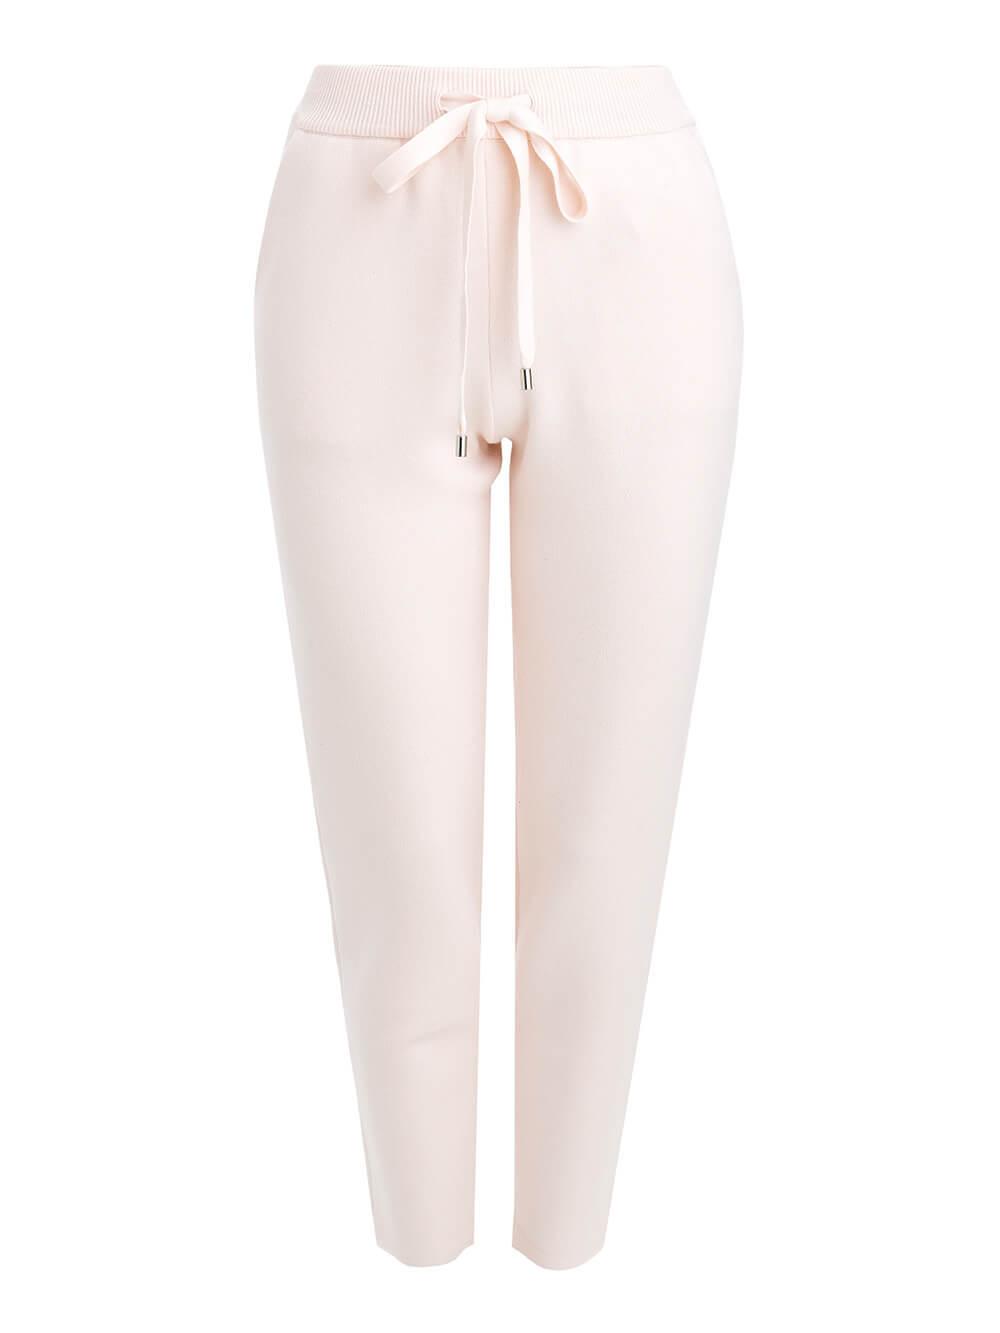 Женские брюки светло-розового цвета из вискозы - фото 1